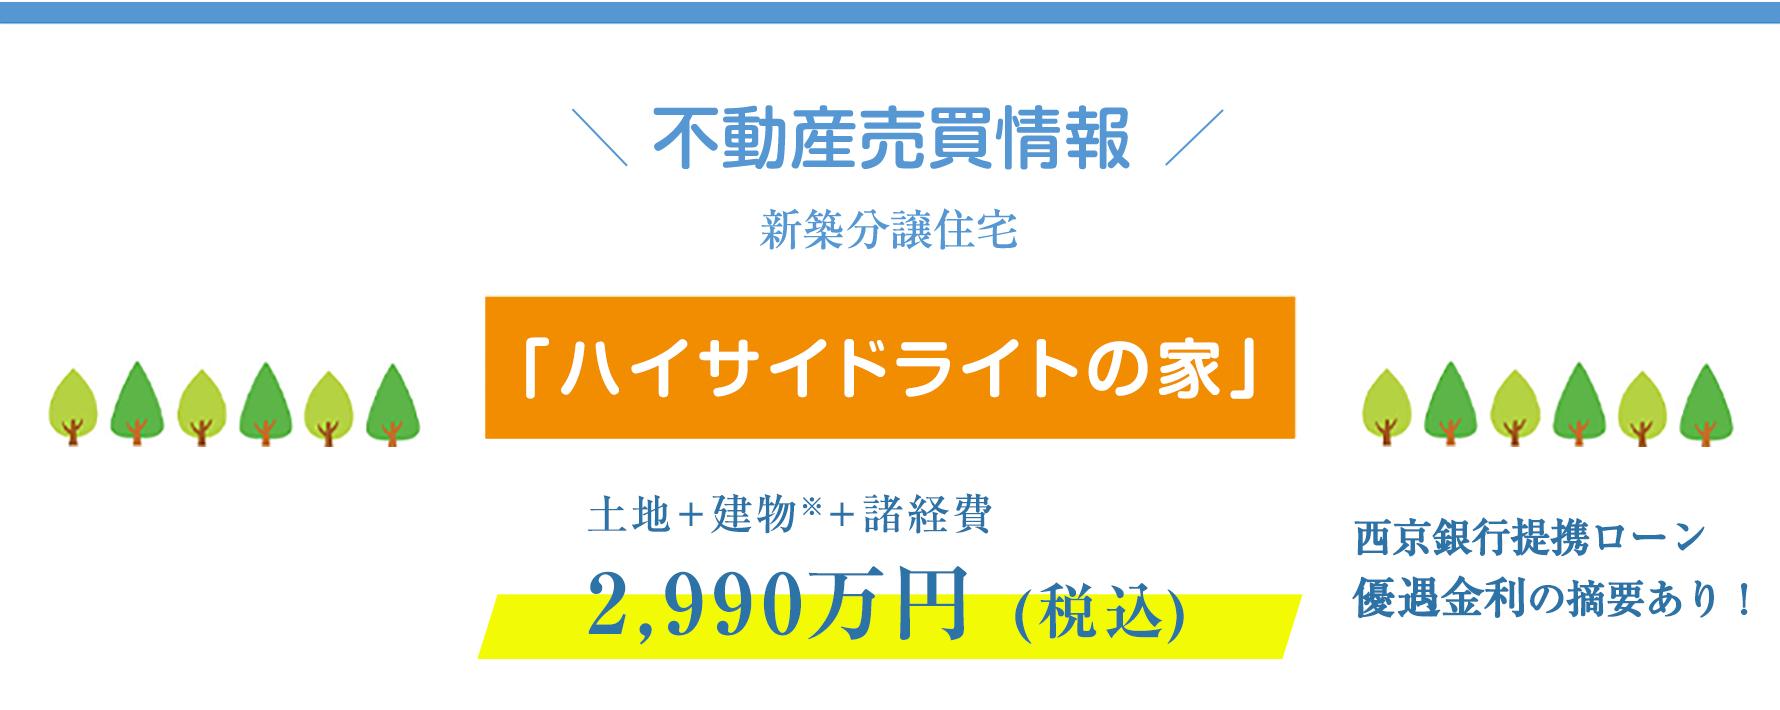 モデルハウス「ハイサイドライトの家」特別価格3,300万円(税込)!